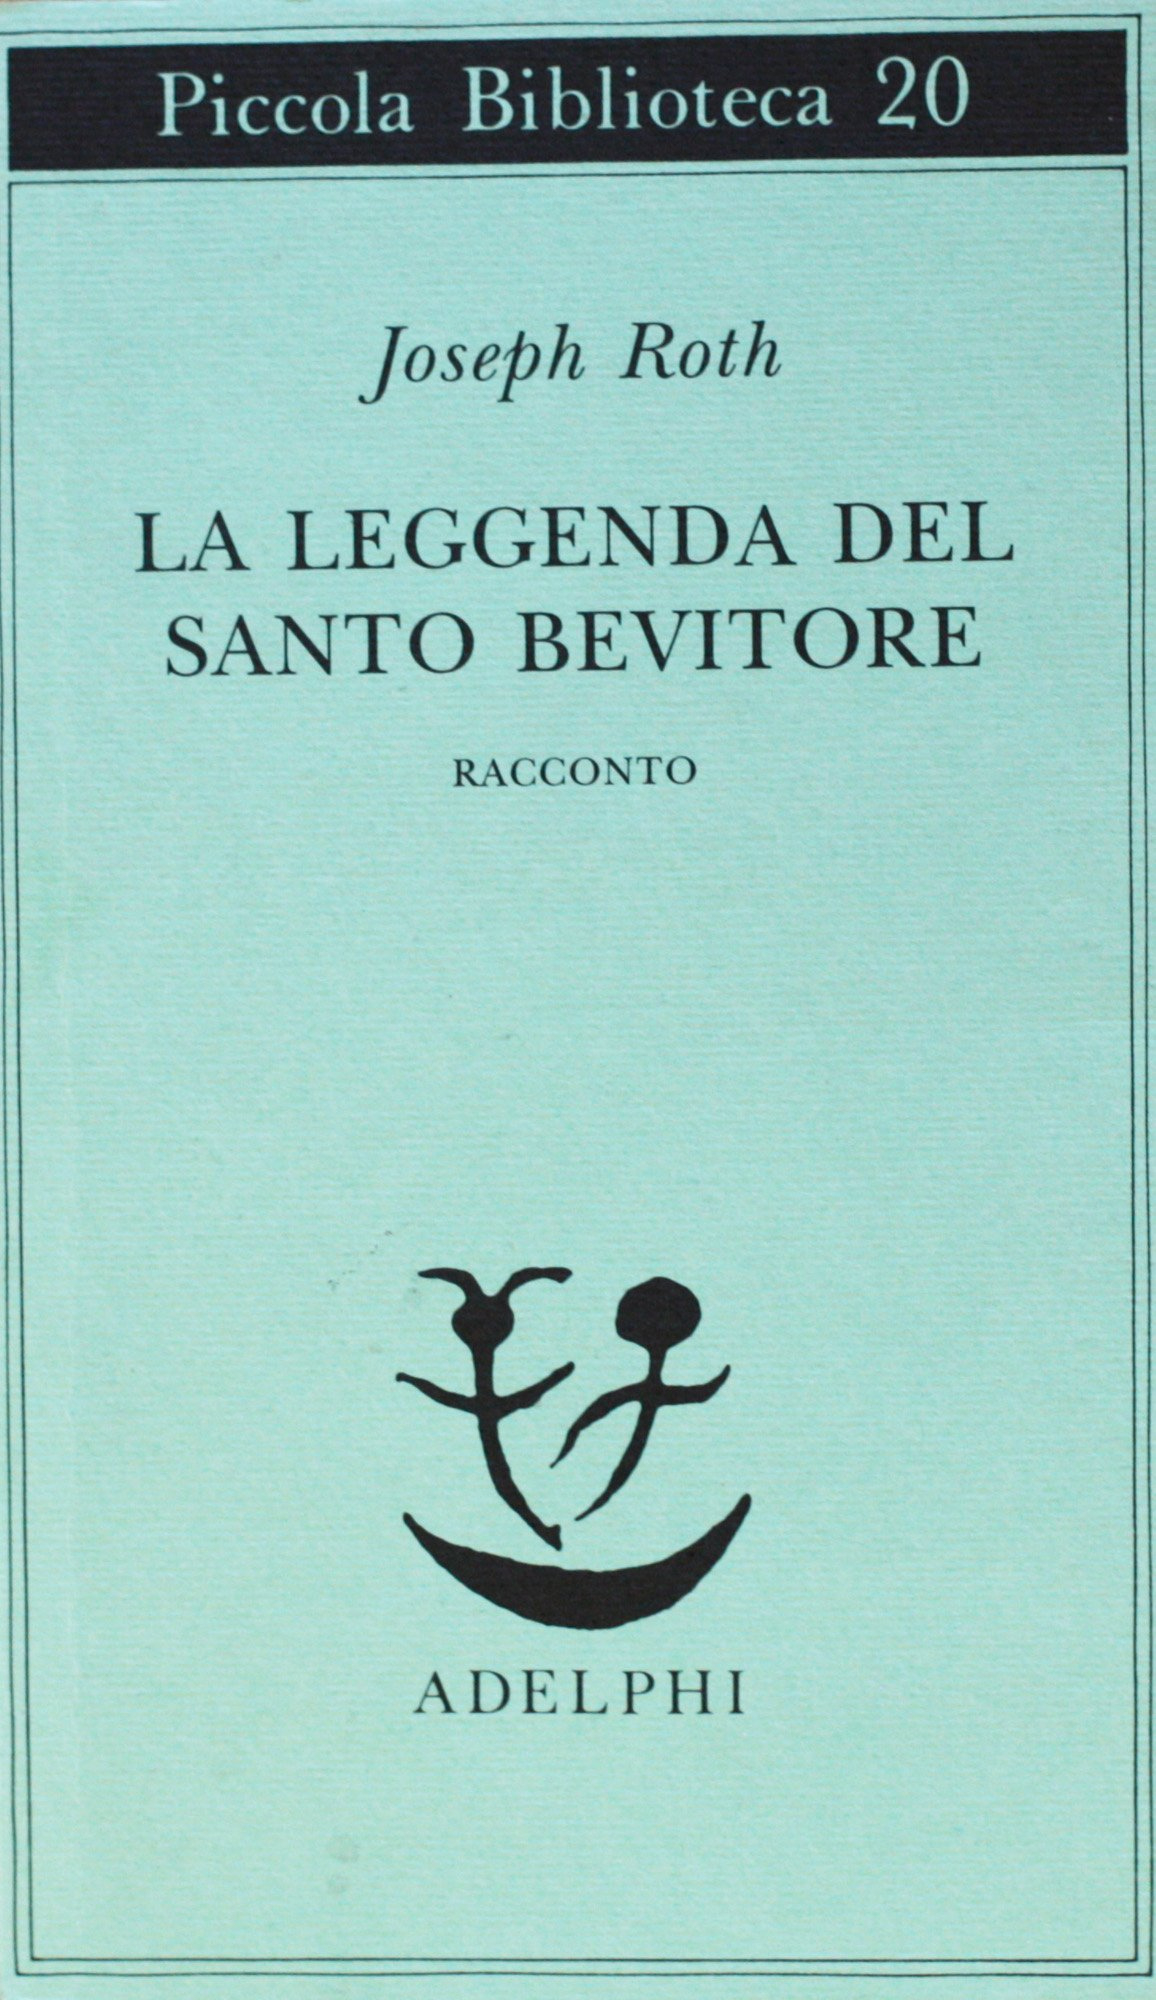 Amazon.it: La leggenda del santo bevitore - Joseph Roth A cura di Francesca  Pilato - Libri